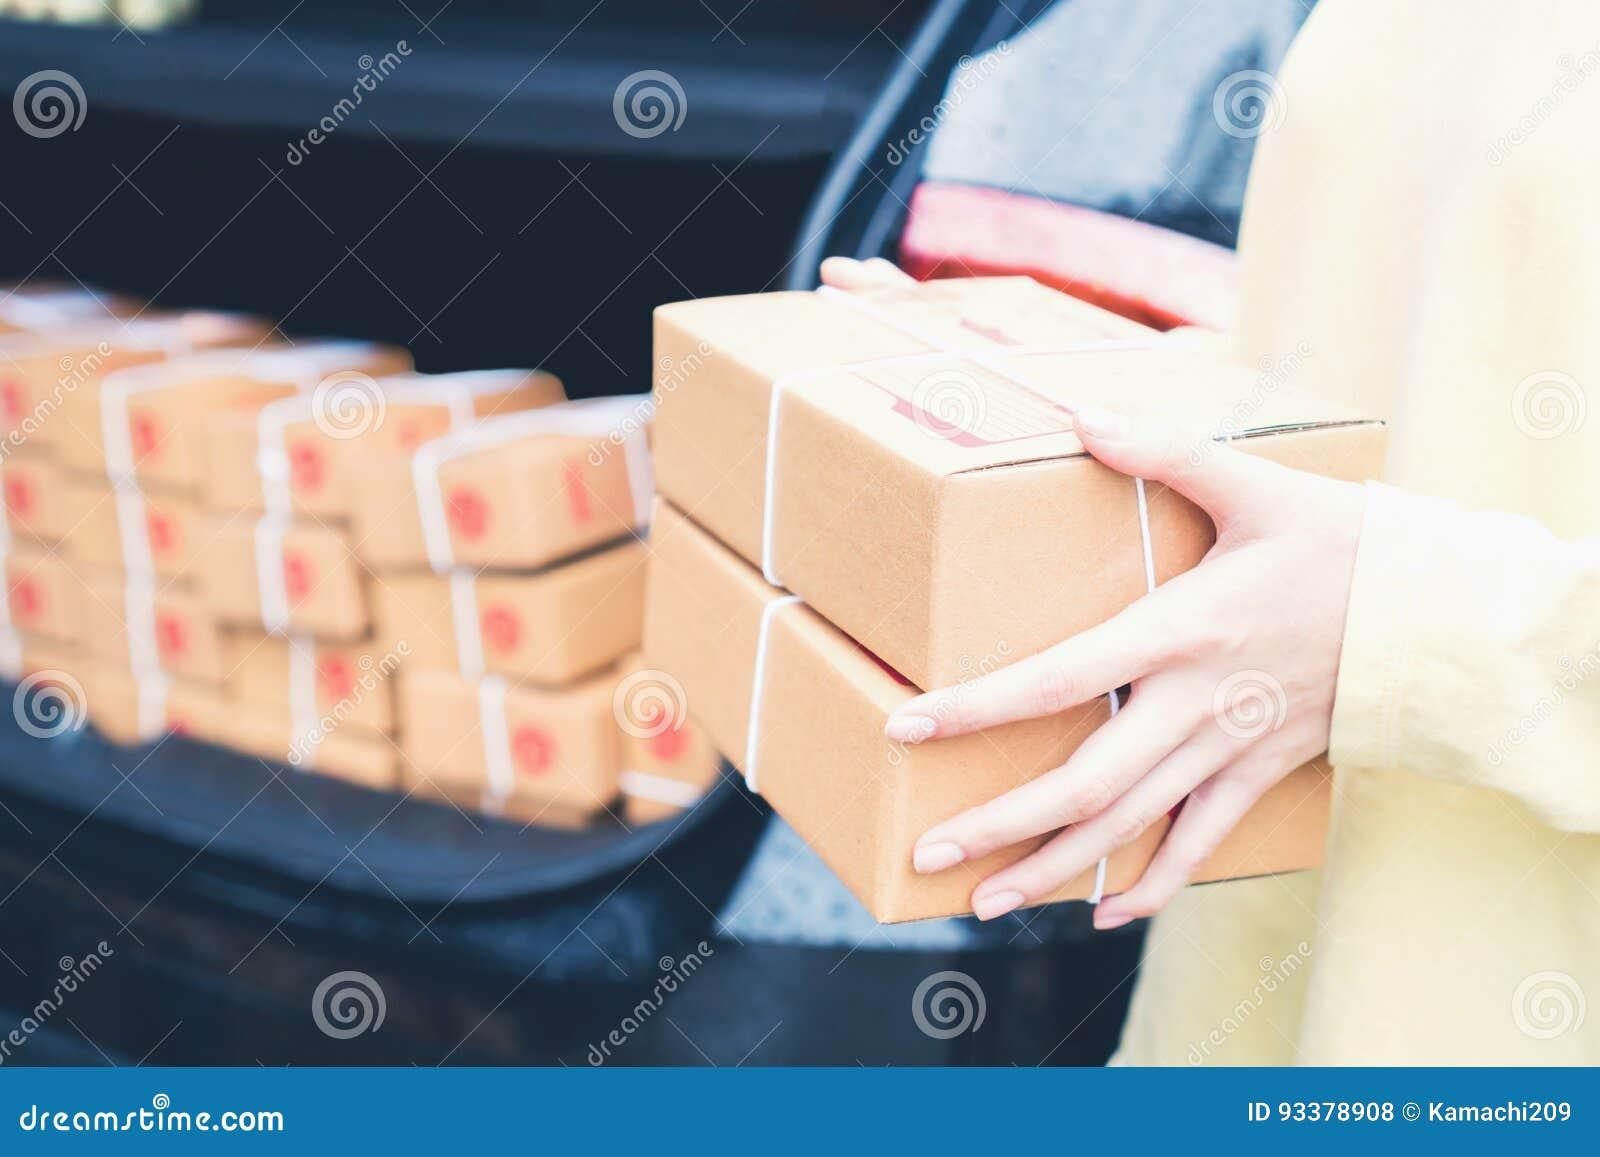 De werknemers houden een pakket in de auto naar de klant te verzenden Het online opdracht geven tot voor het gemak van klanten